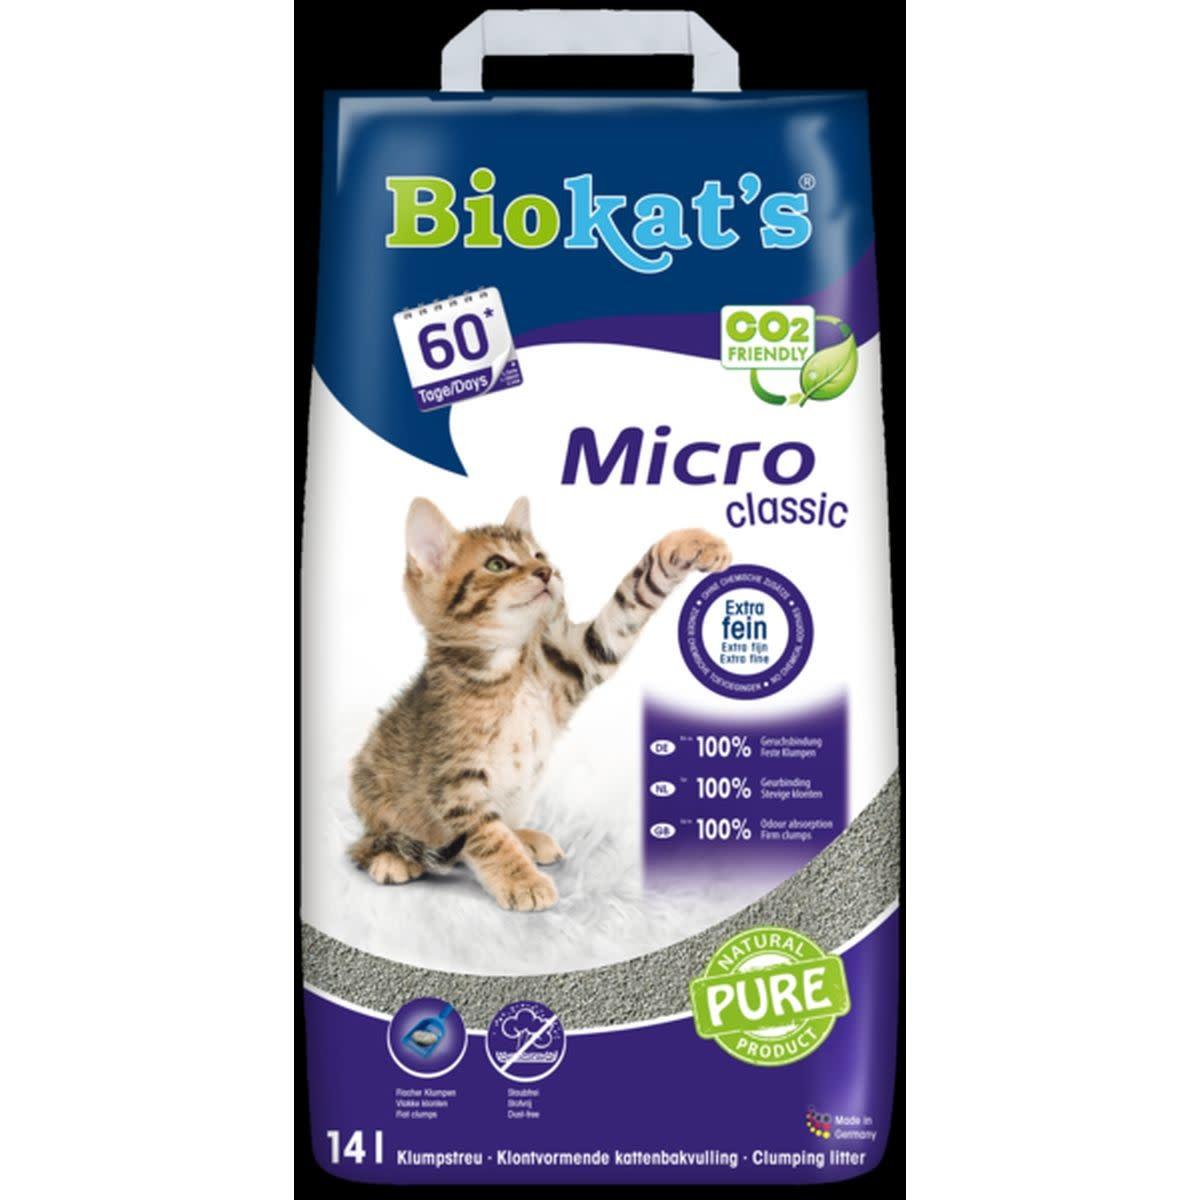 BioKat's BIOKAT'S - MICRO CLASSIC 14L